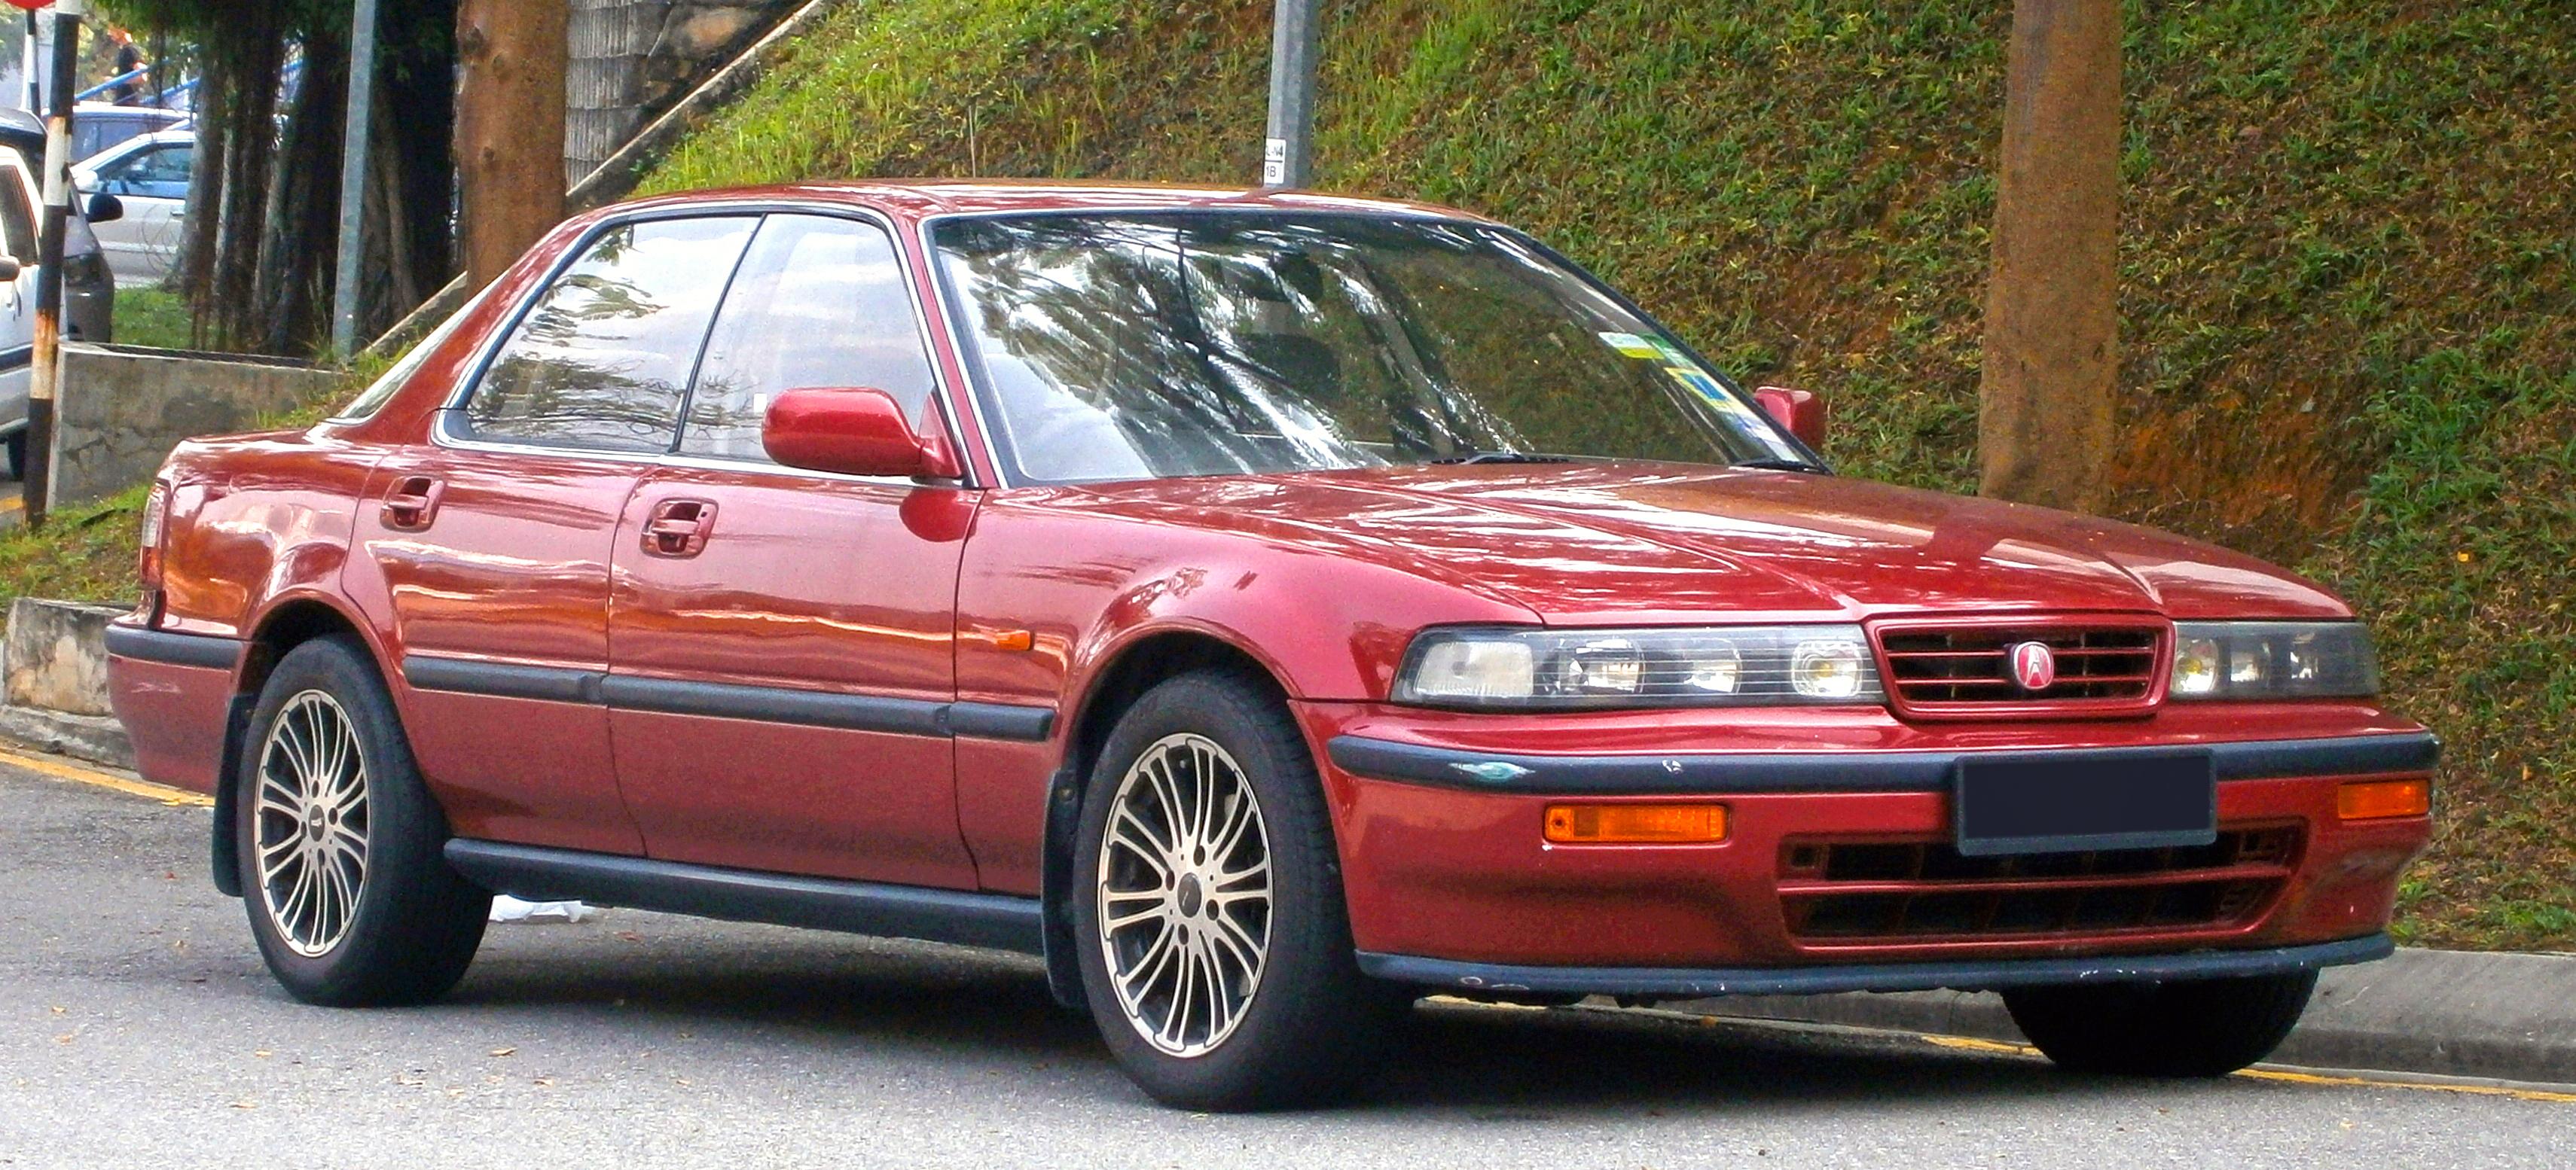 Kelebihan Honda Vigor Perbandingan Harga